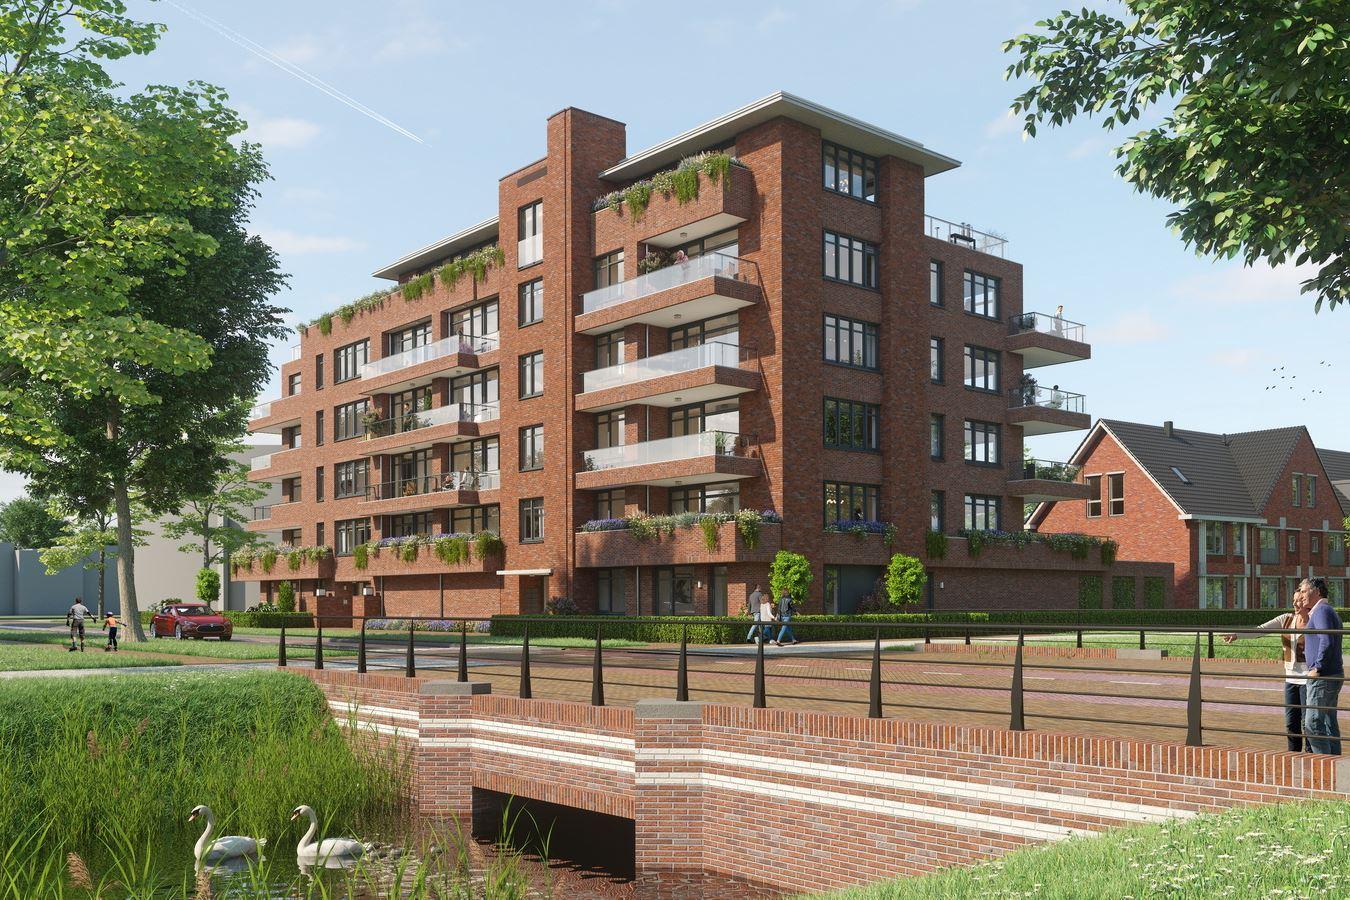 Bekijk foto 4 van Quatrebras Park Quartier II - appartementen (Bouwnr. 10)